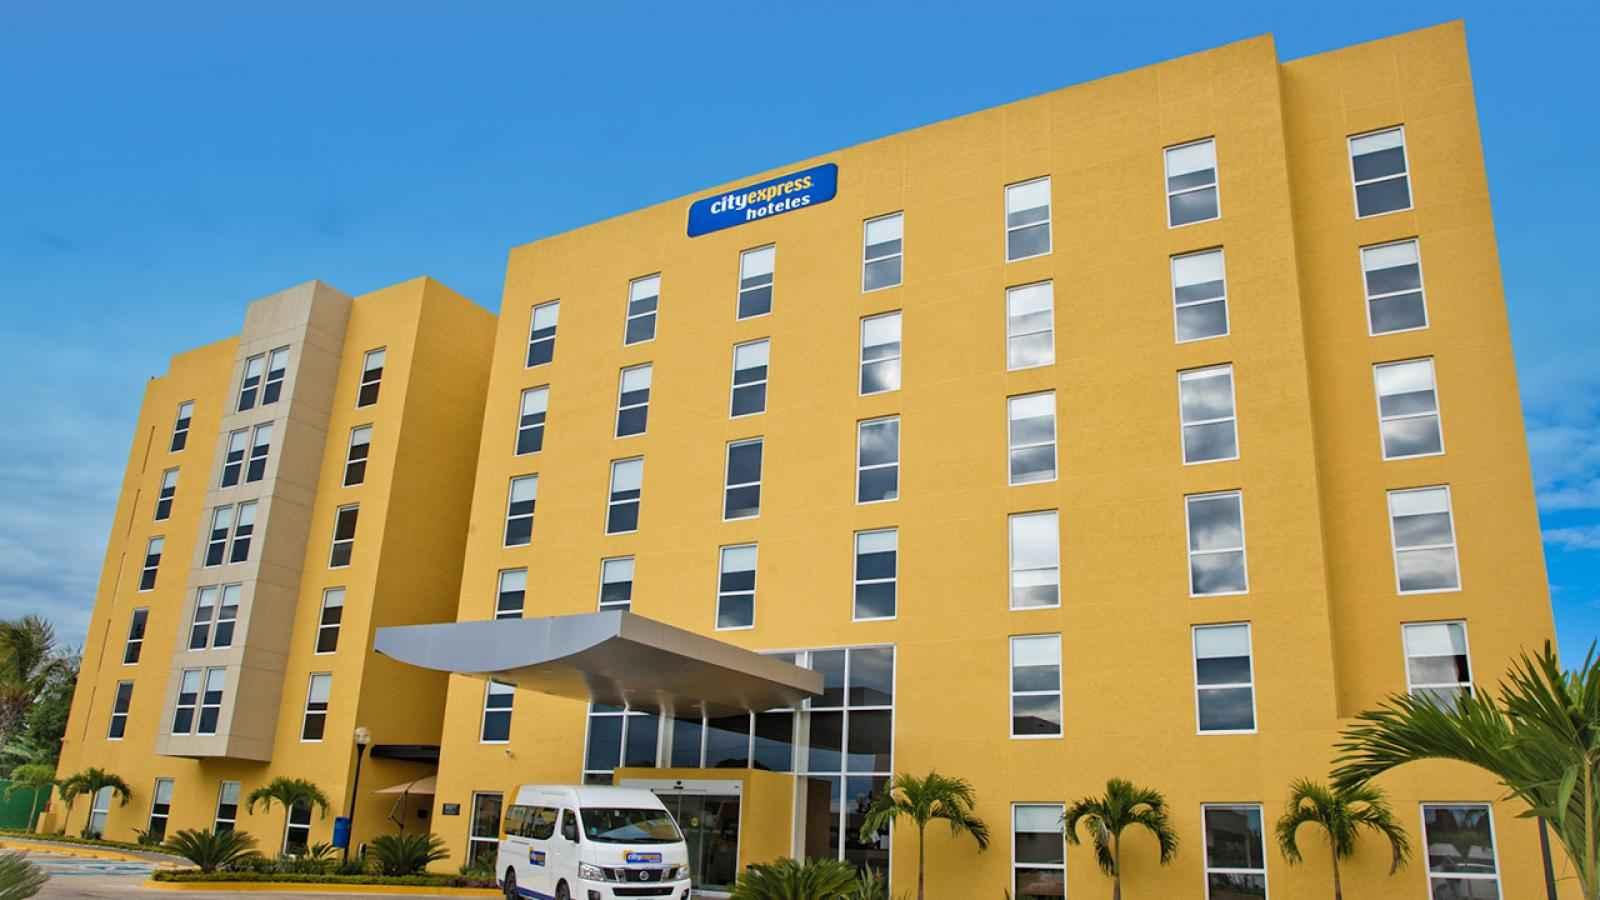 City express abri hoteles en puebla y altamira portal for Hoteles en insurgentes